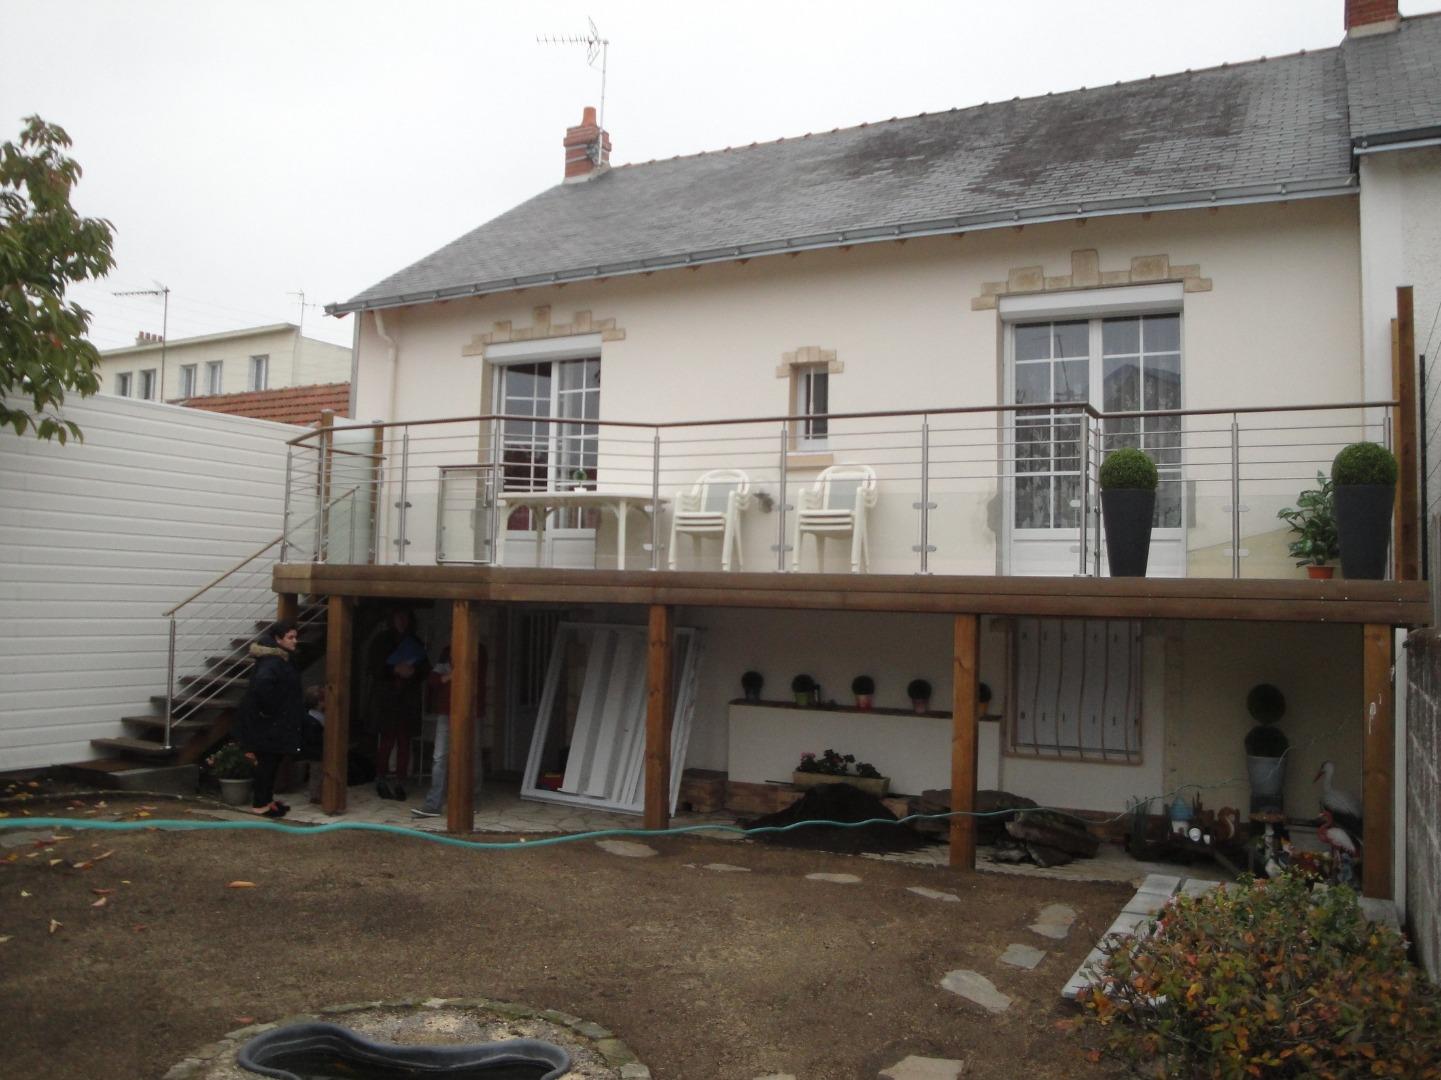 Terrasse sur poteaux en Kébony à Nantes